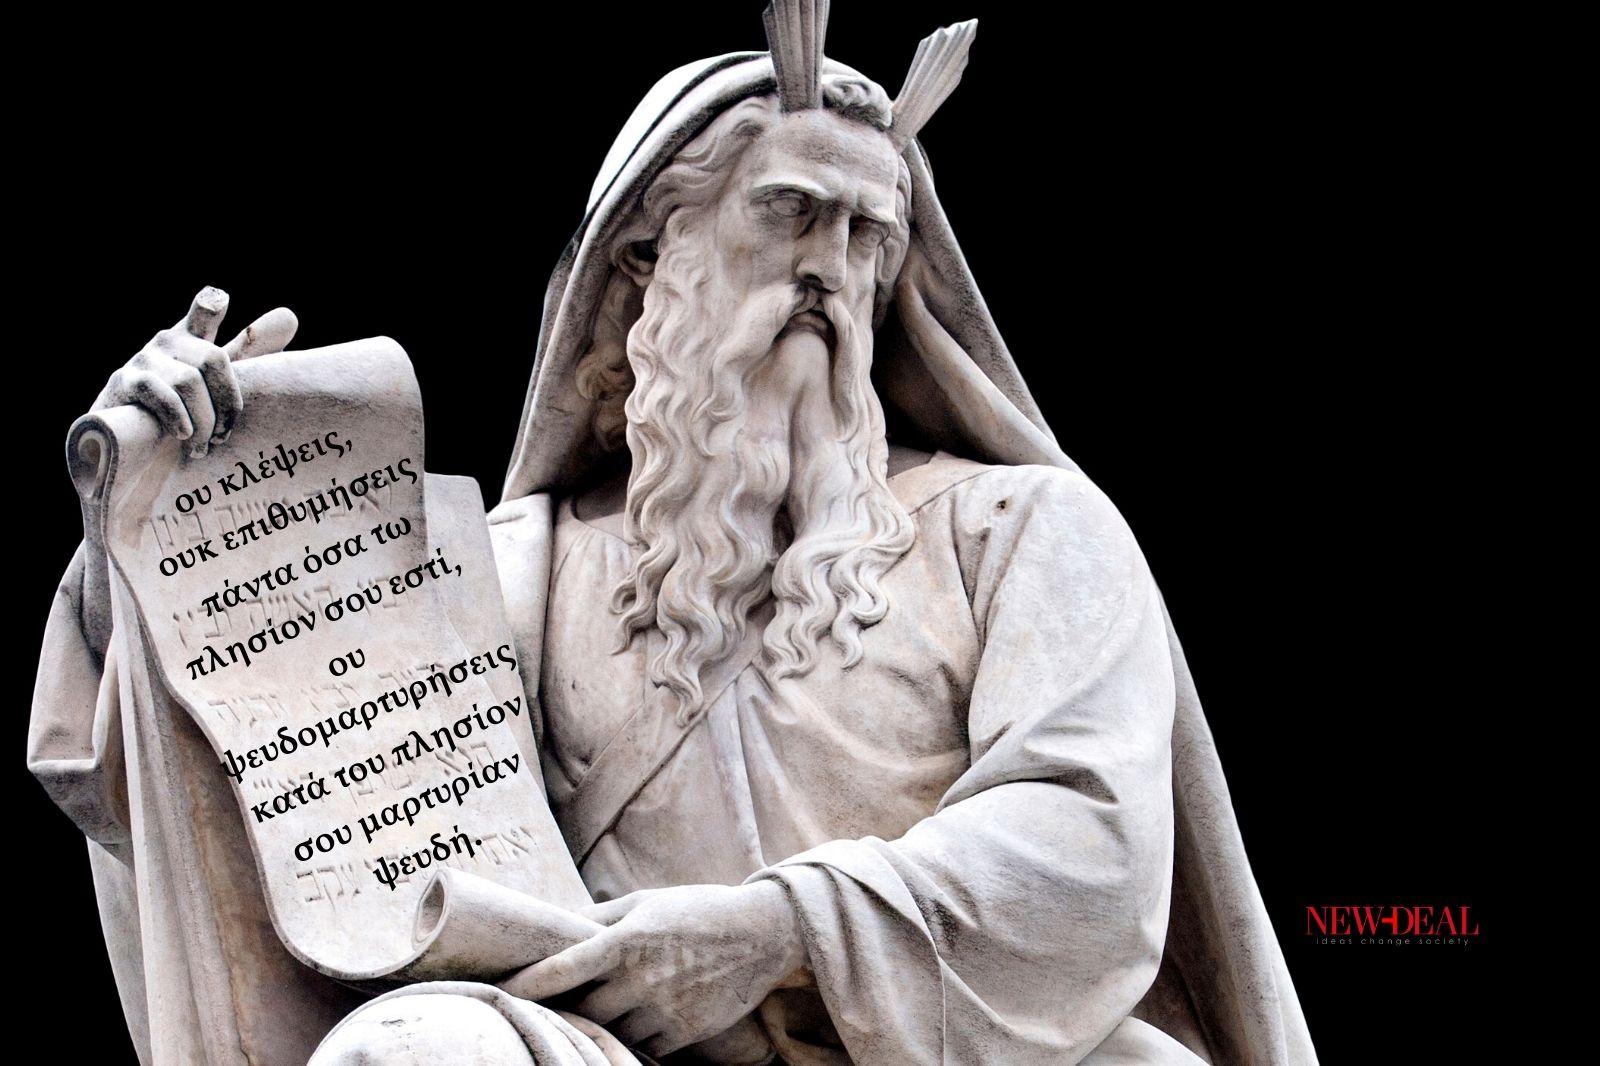 Ο Κώστας Χριστίδης περιγράφει τις τρεις βασικές εντολές της ανθρώπινης ευημερίας. Οι οποίες δεν υπάρχουν μόνο στα σύγχρονα εγχειρίδια της οικονομικής επιστήμης. Είναι οι ...φυσικοί νόμοι που εμπεριέχονται στις αρχαίες εντολές… new deal